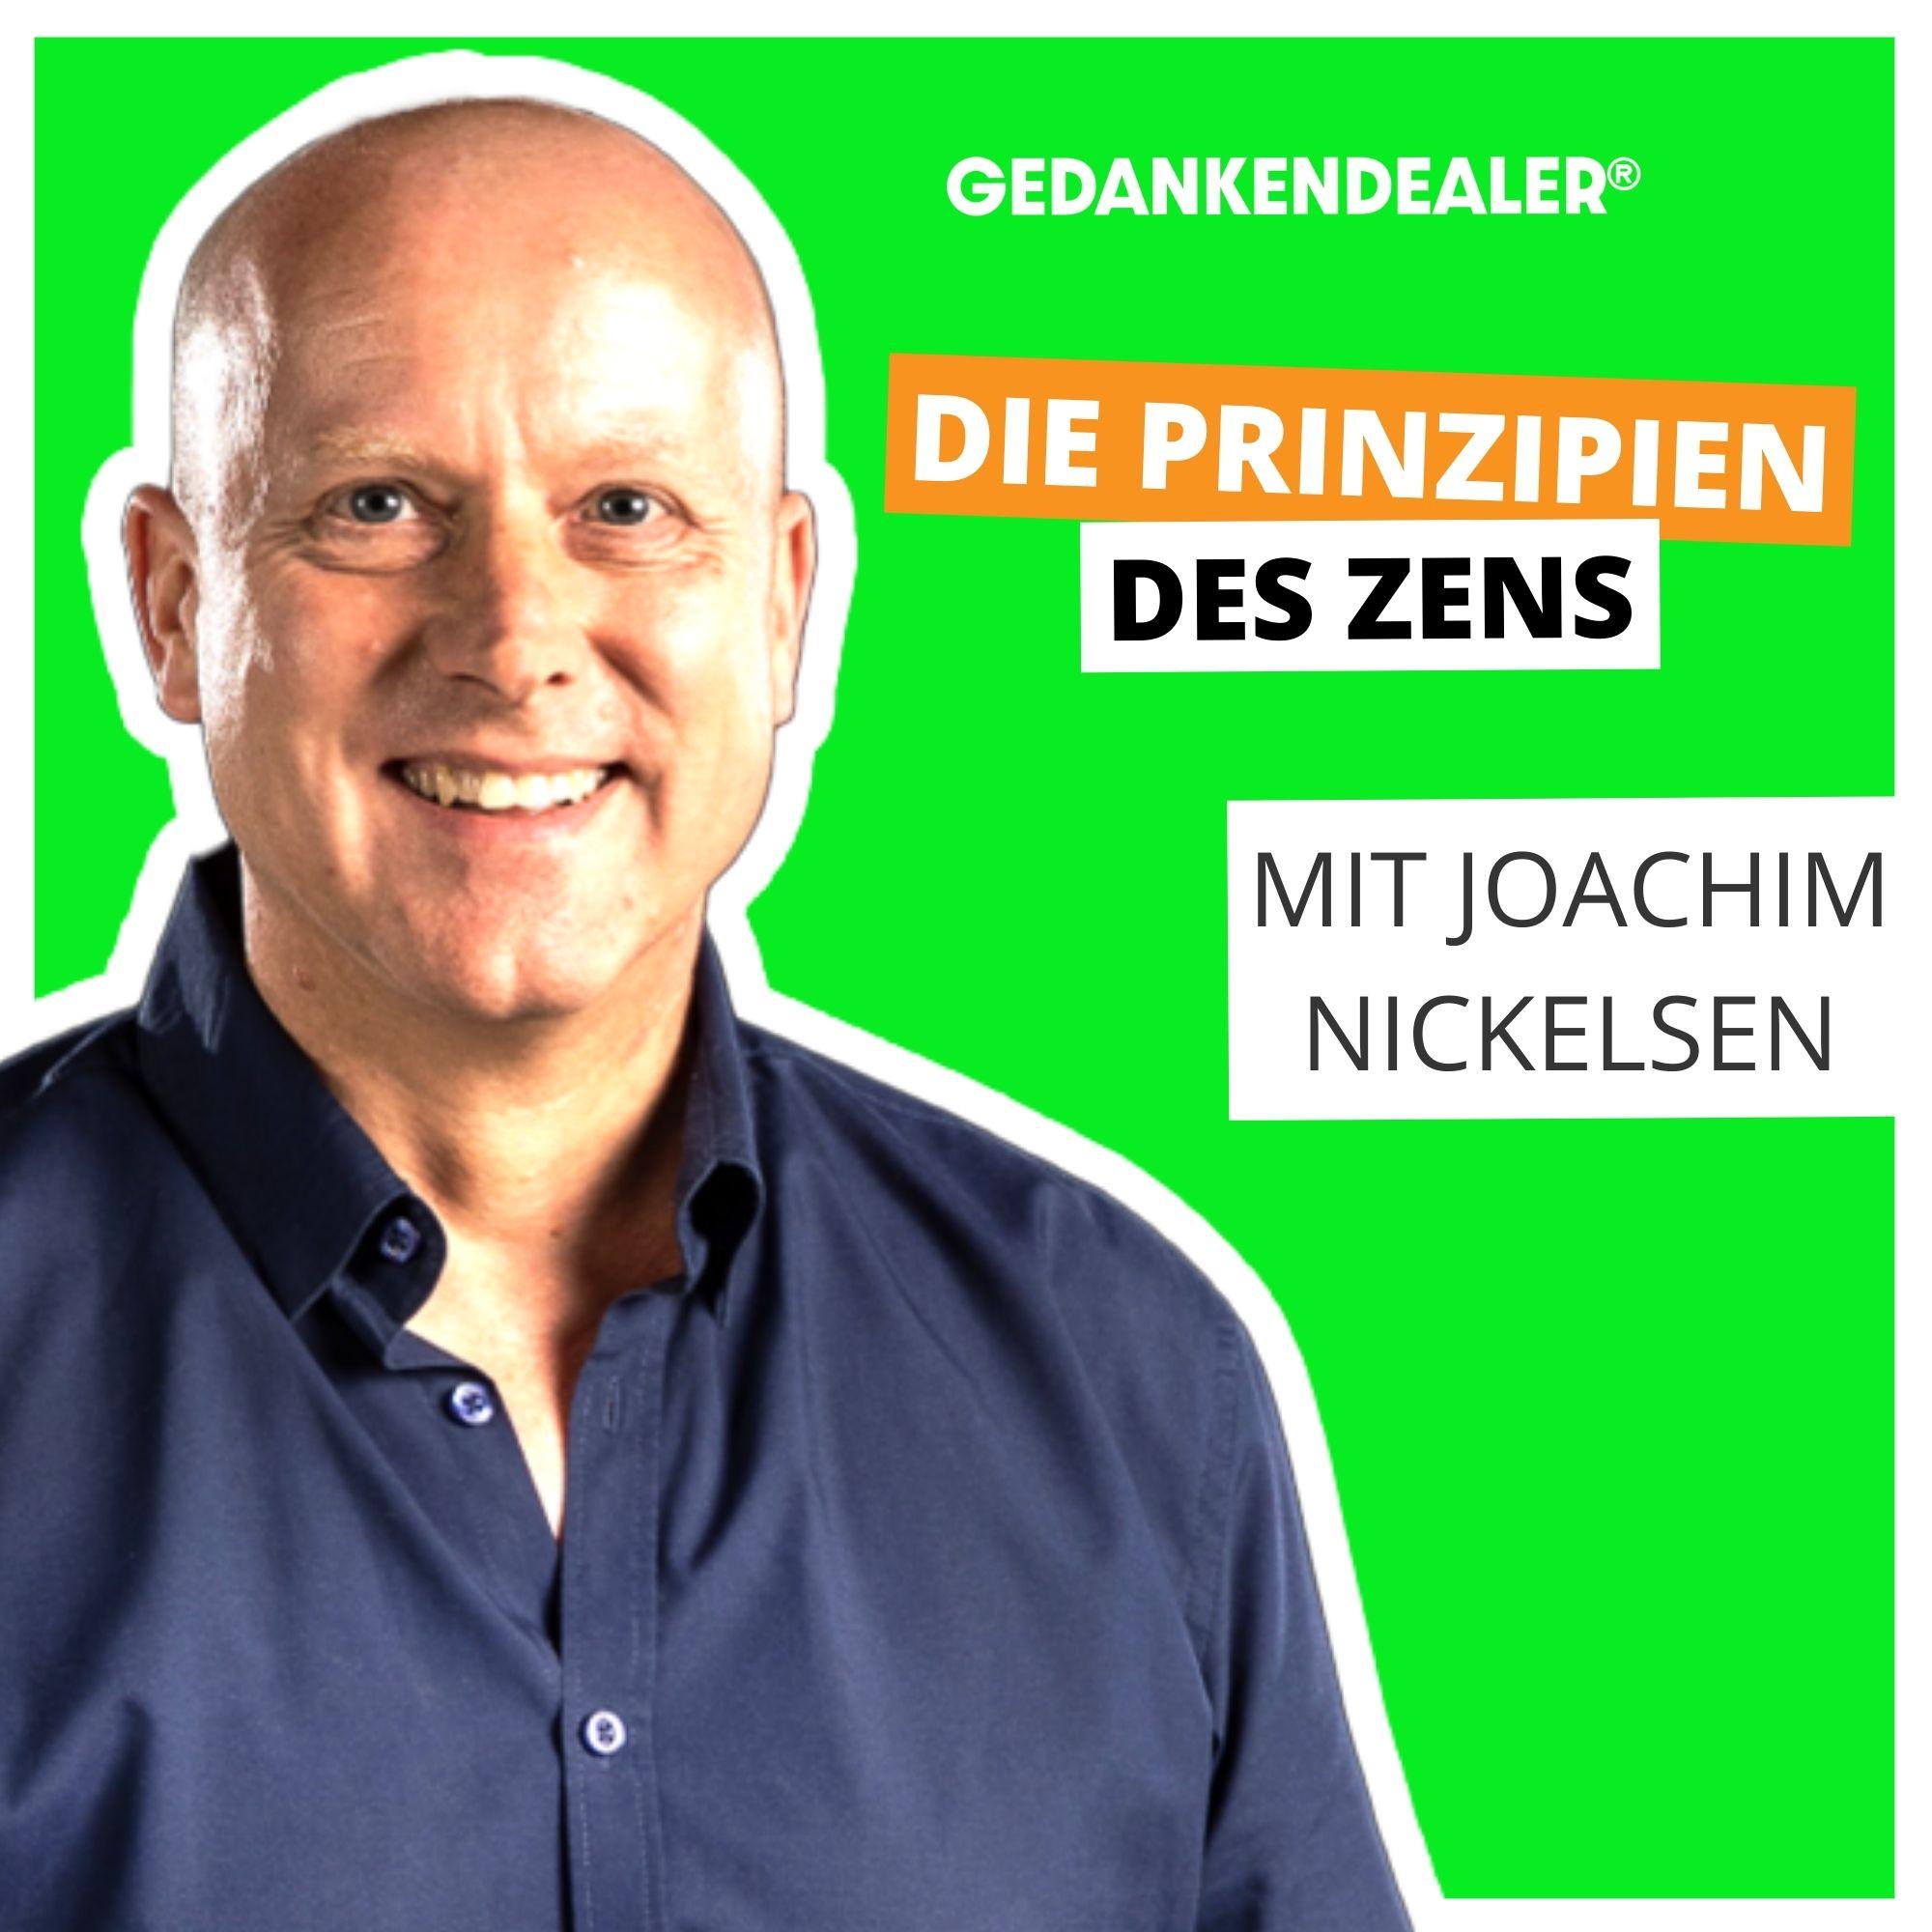 Die Prinzipien des Zens - Talk mit Joachim Nickelsen